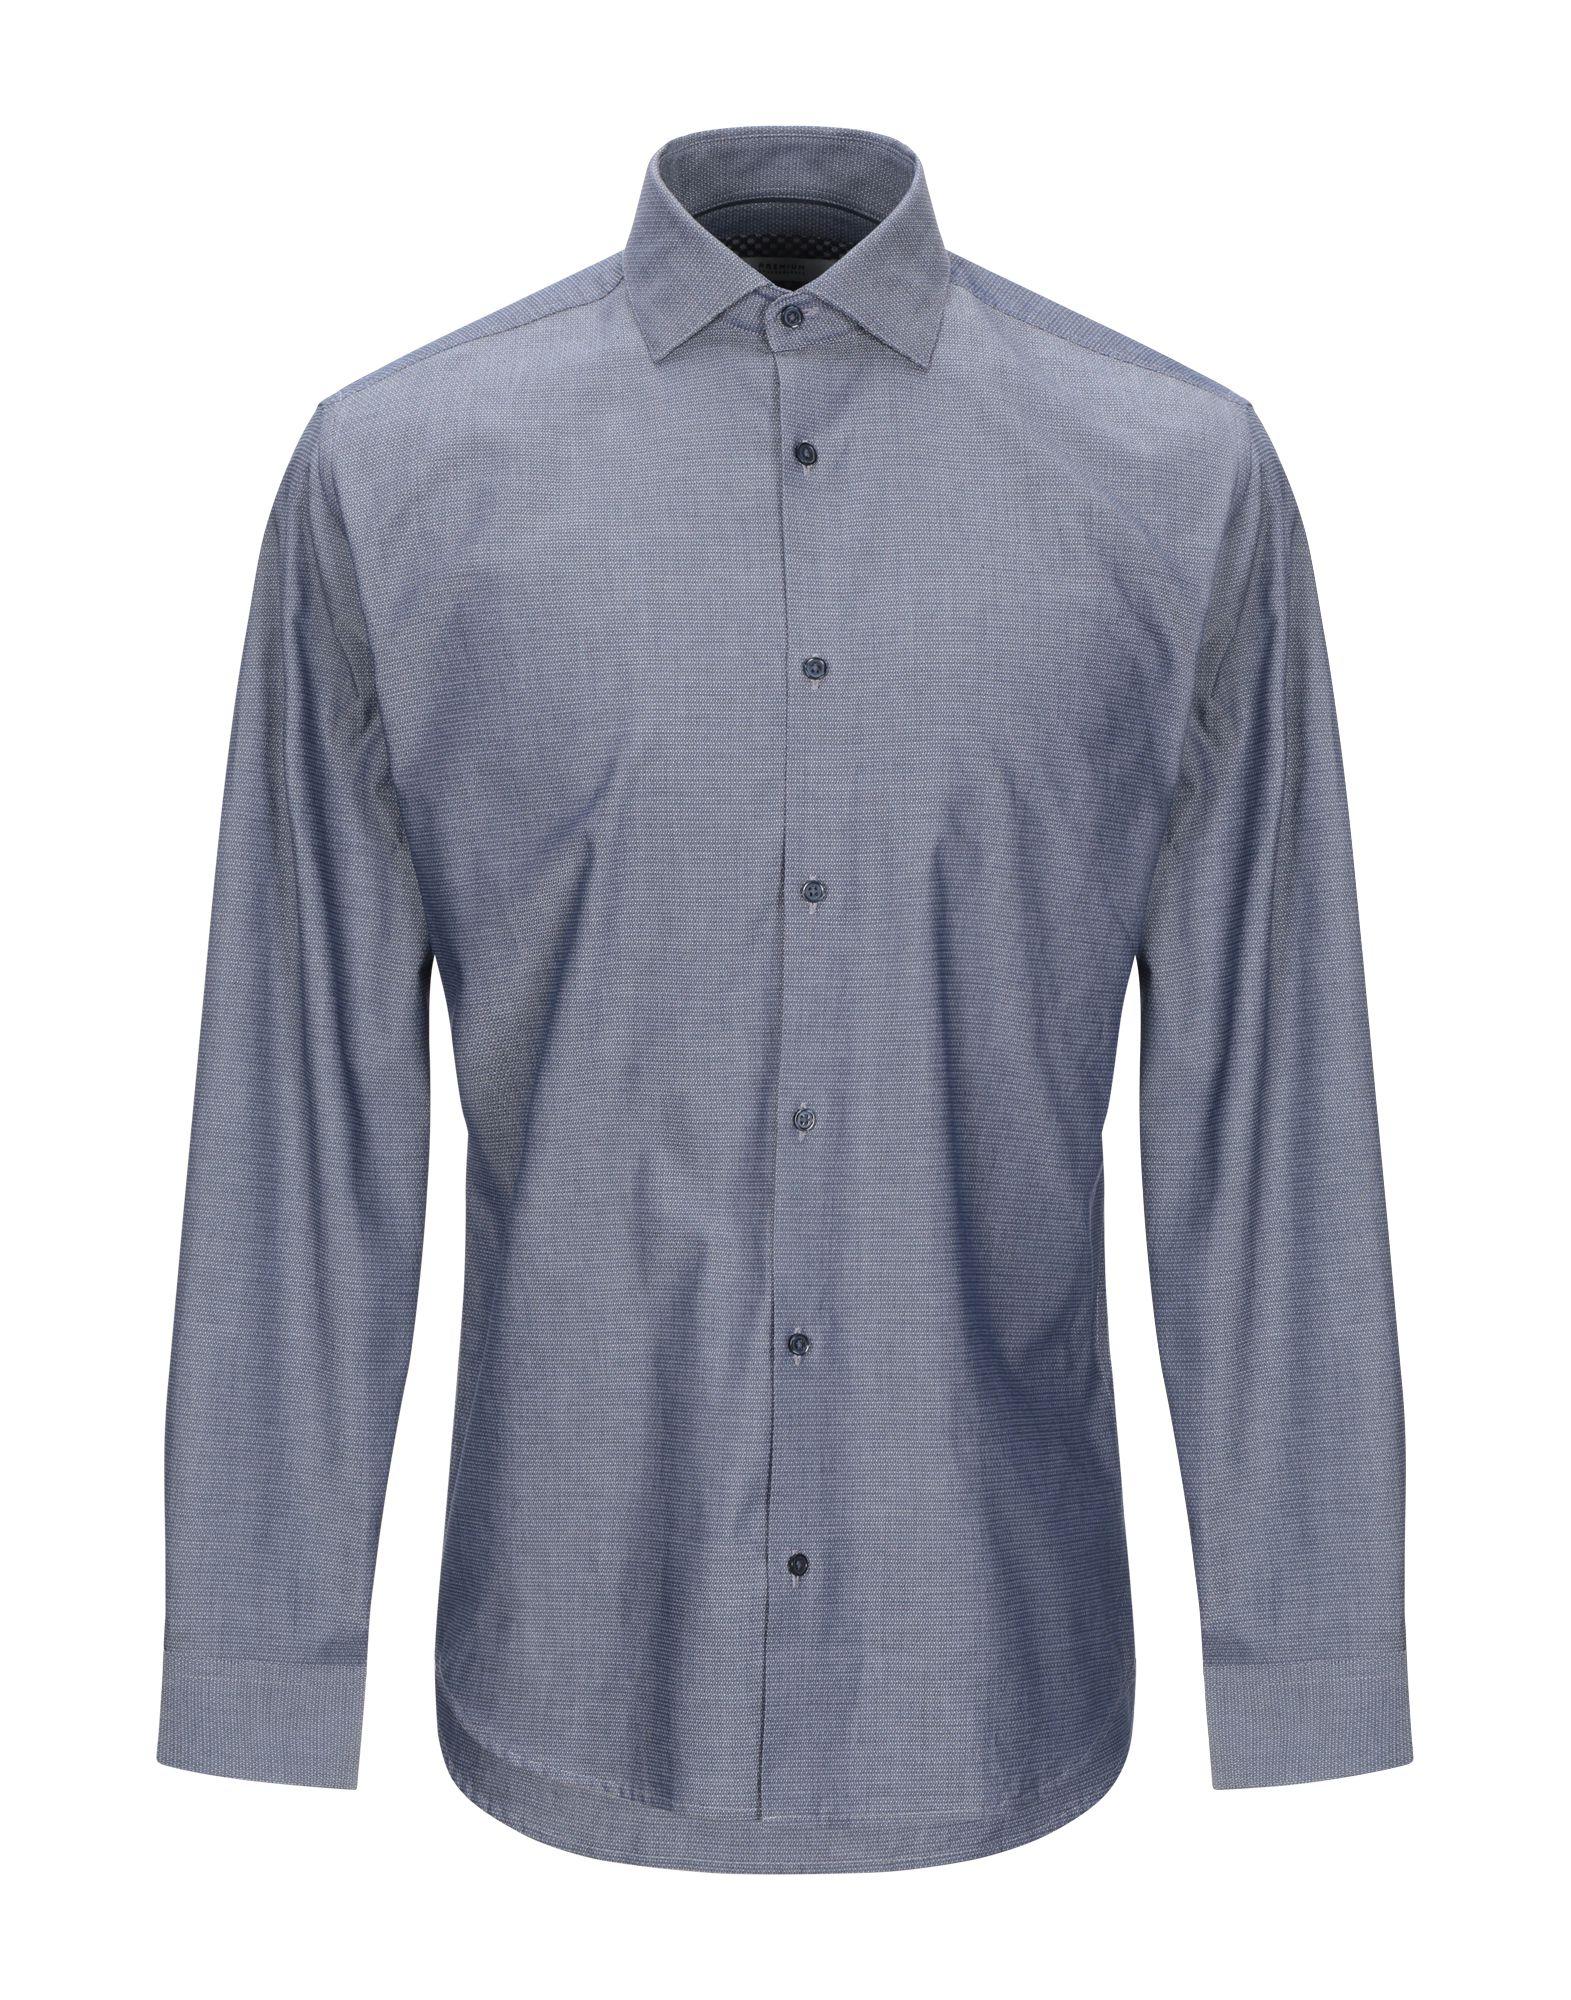 《期間限定セール開催中!》JACK & JONES PREMIUM メンズ シャツ ダークブルー S コットン 100%